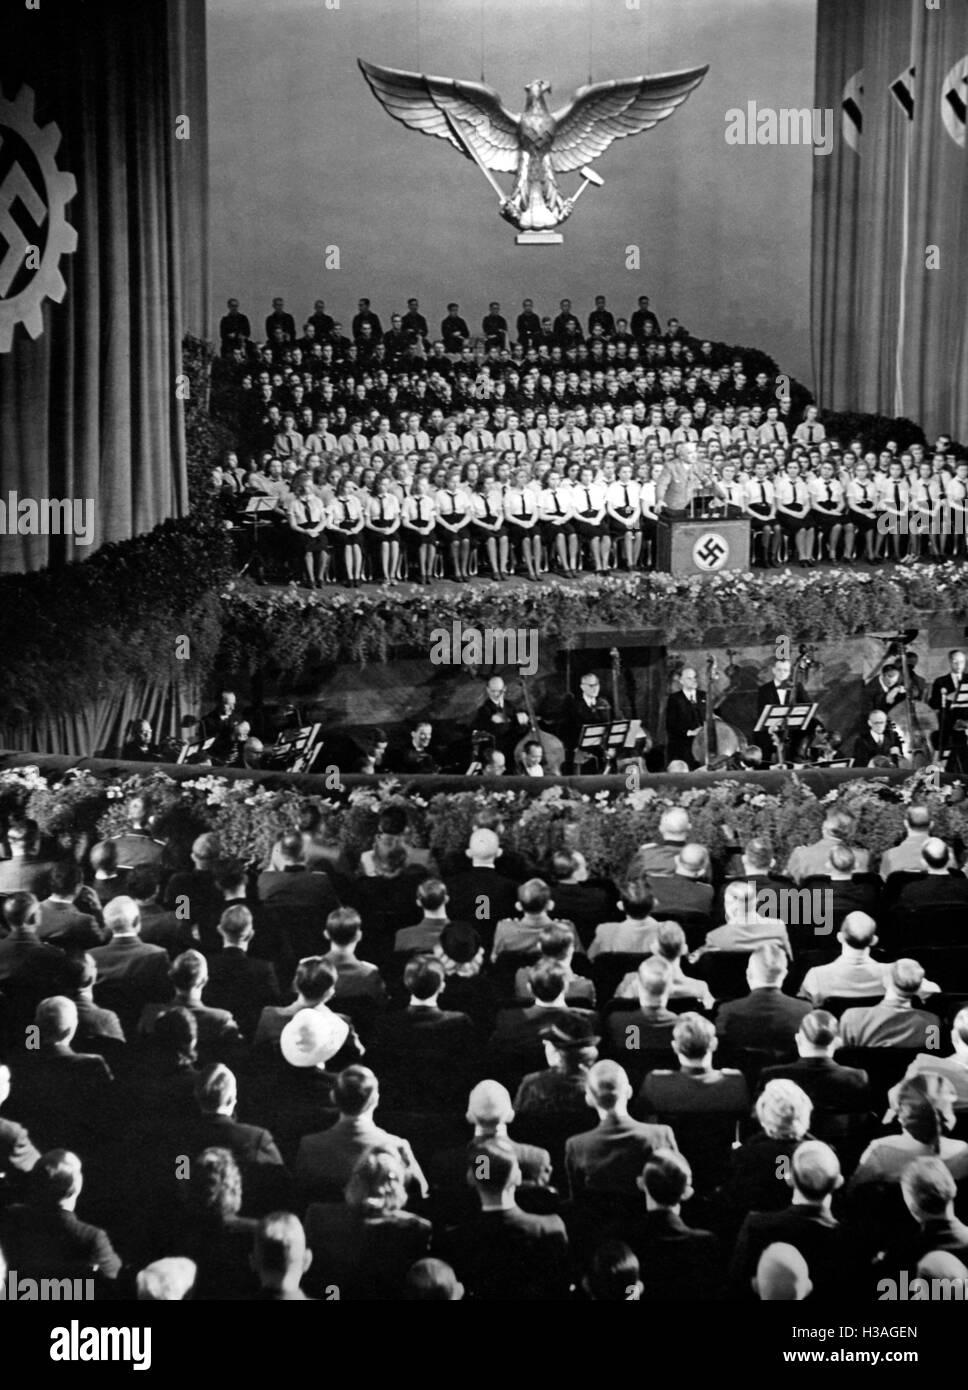 Robert Ley bei der Eröffnung des Kriegsberufswettkampf der deutschen Jugend in der Berliner Krolloper, 1943 Stockfoto